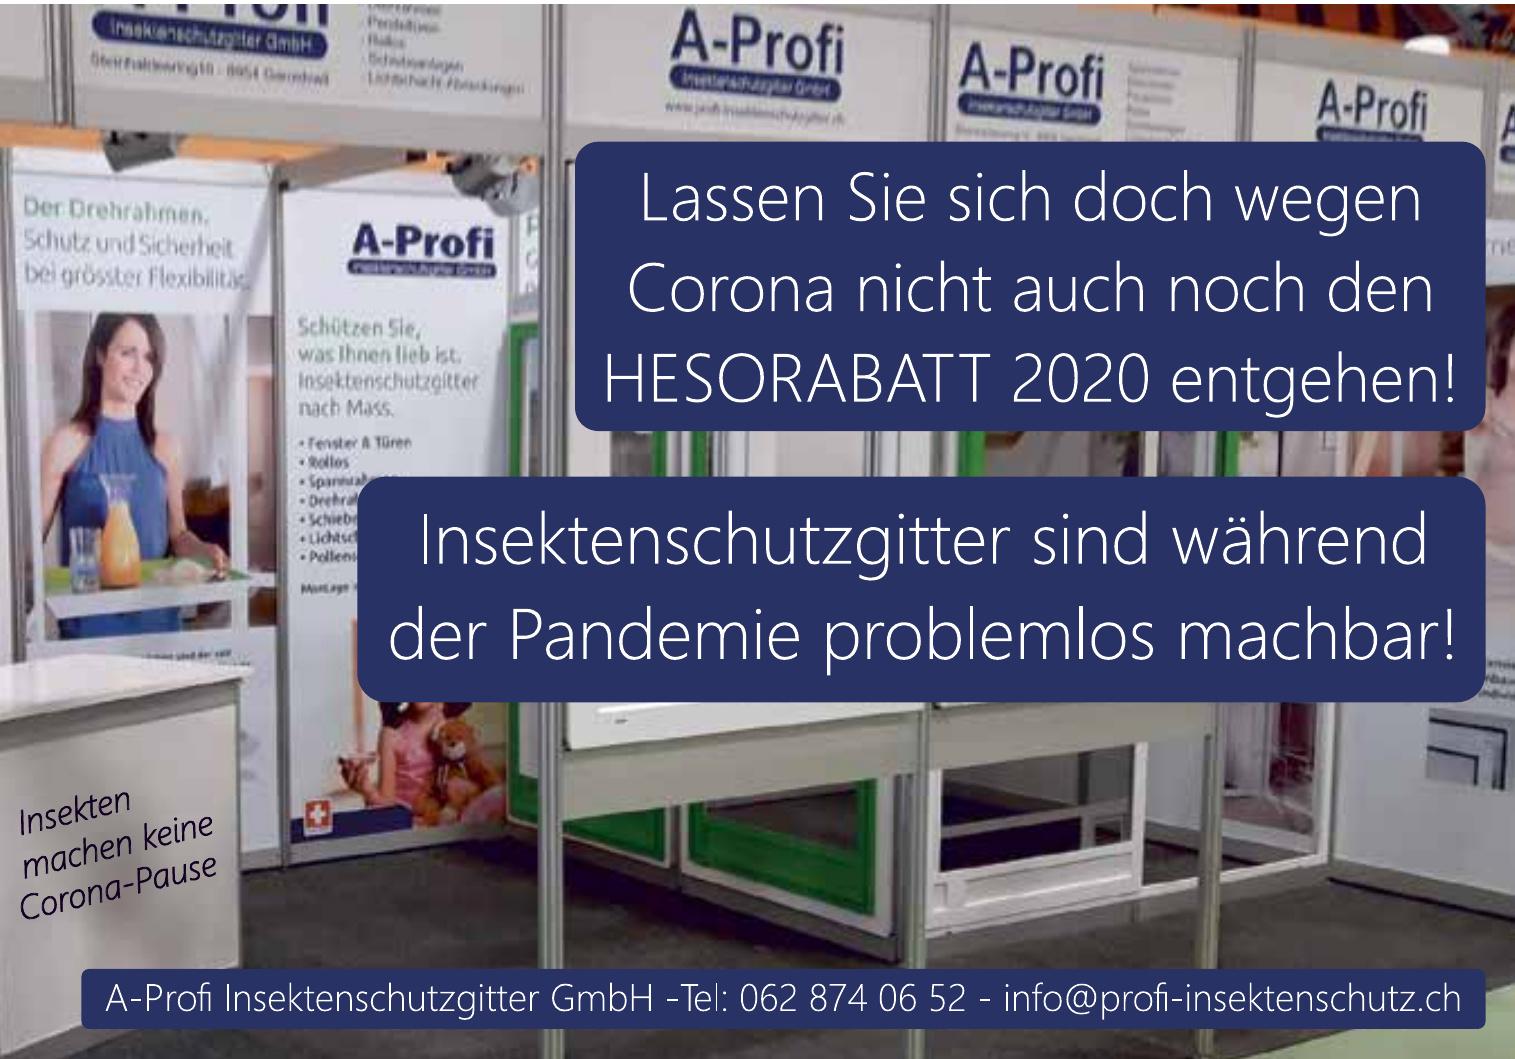 A-Profi Insektenschutzgitter GmbH